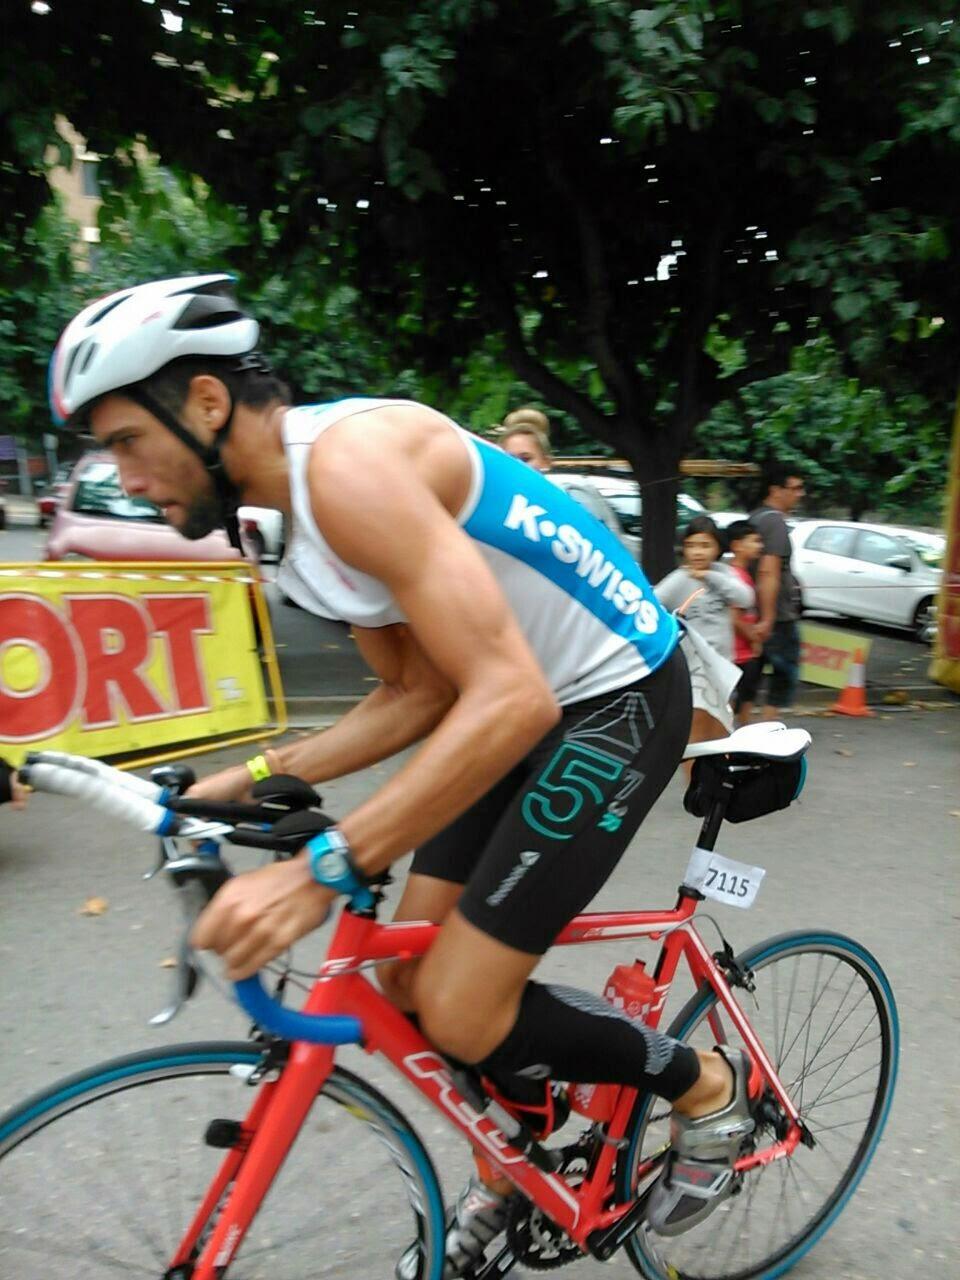 triatlon ciclismo bici carretera pitufollow